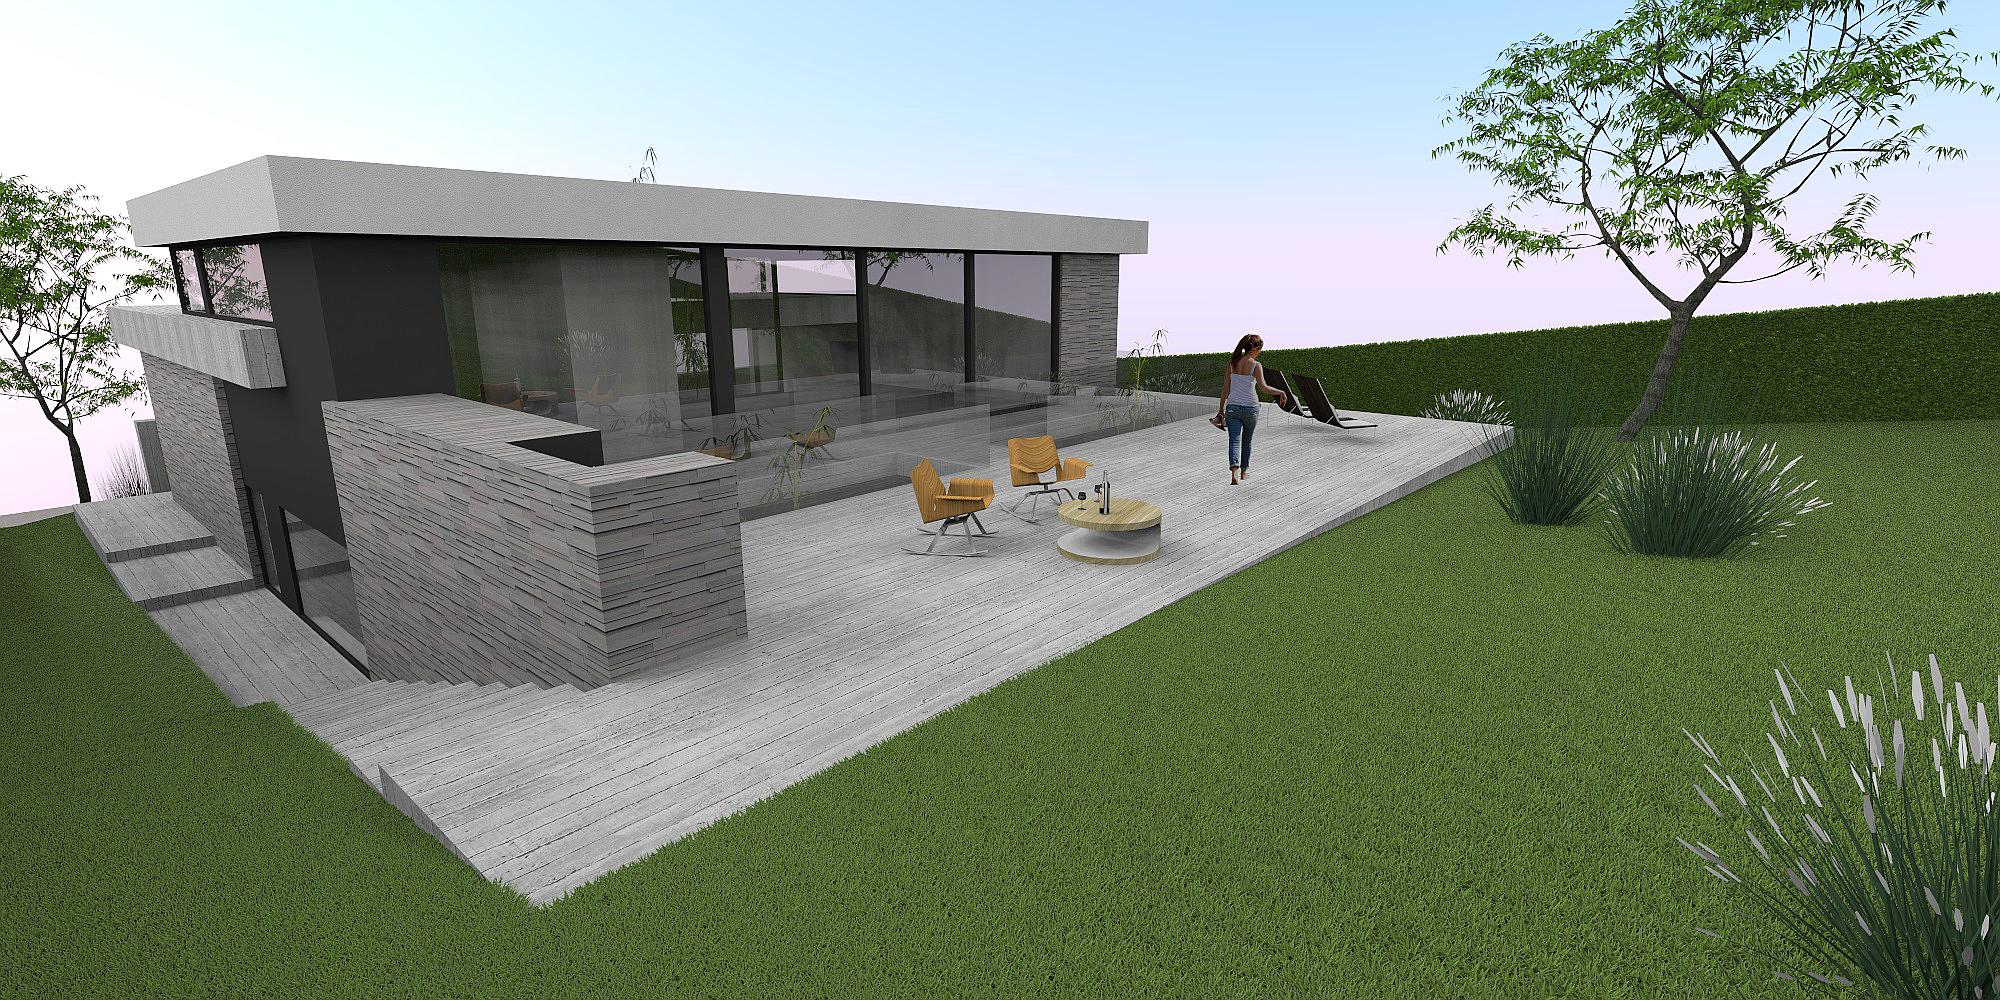 14_010_EA nieuw ontwerp 3D 06.jpg